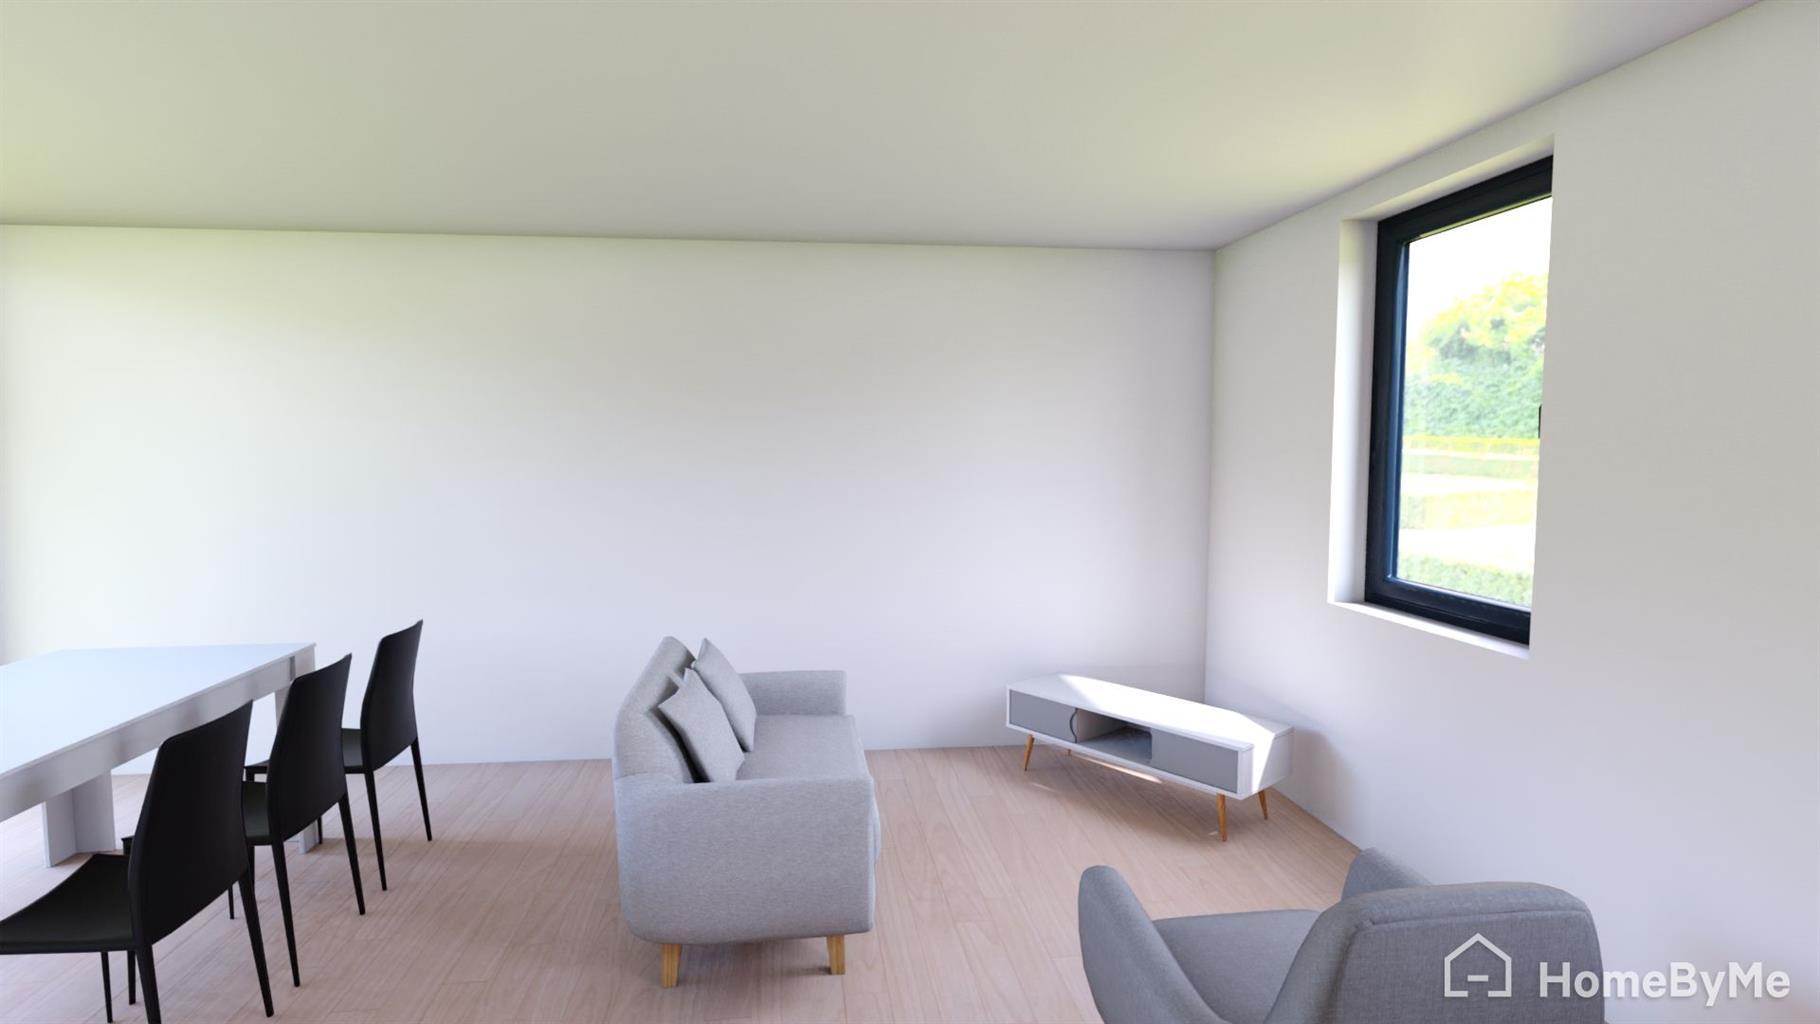 Maison - Braine-le-Comte - #4082171-9